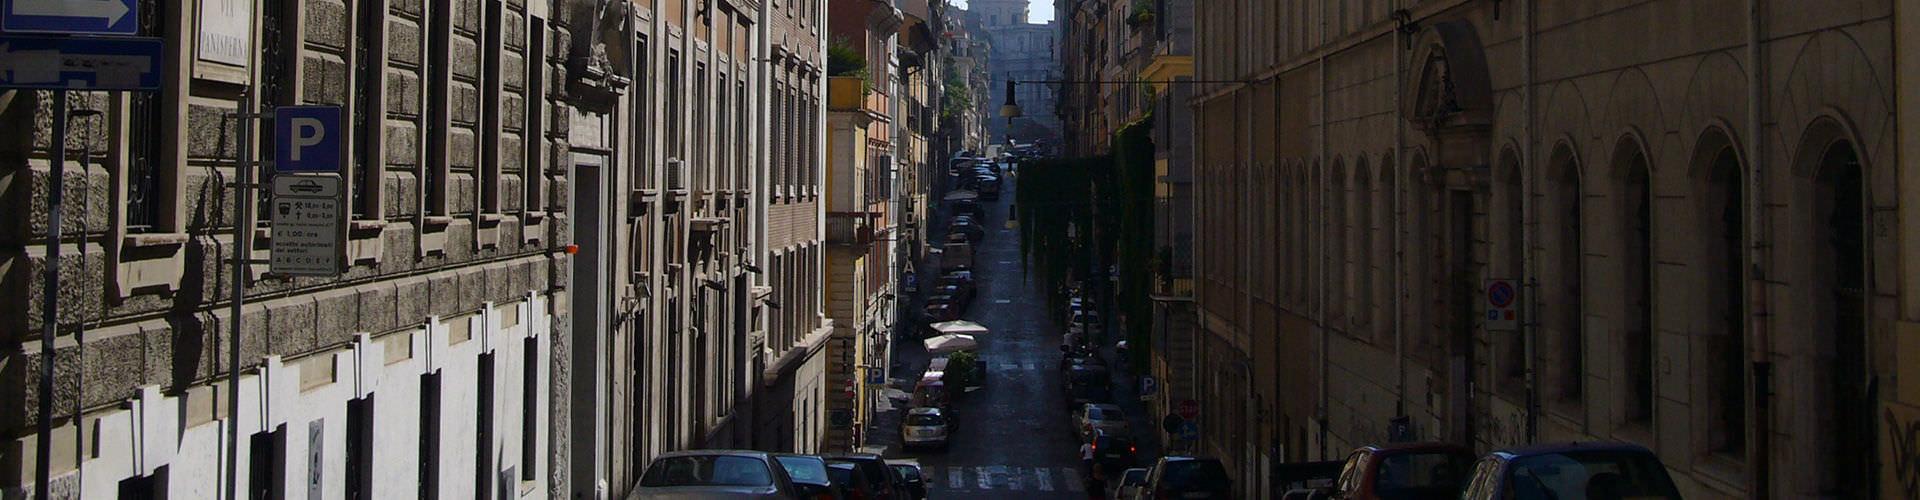 Rooma – Hostellit kaupungiosassa Monti. Rooma -karttoja, valokuvia ja arvosteluja kaikista Rooma -hostelleista.